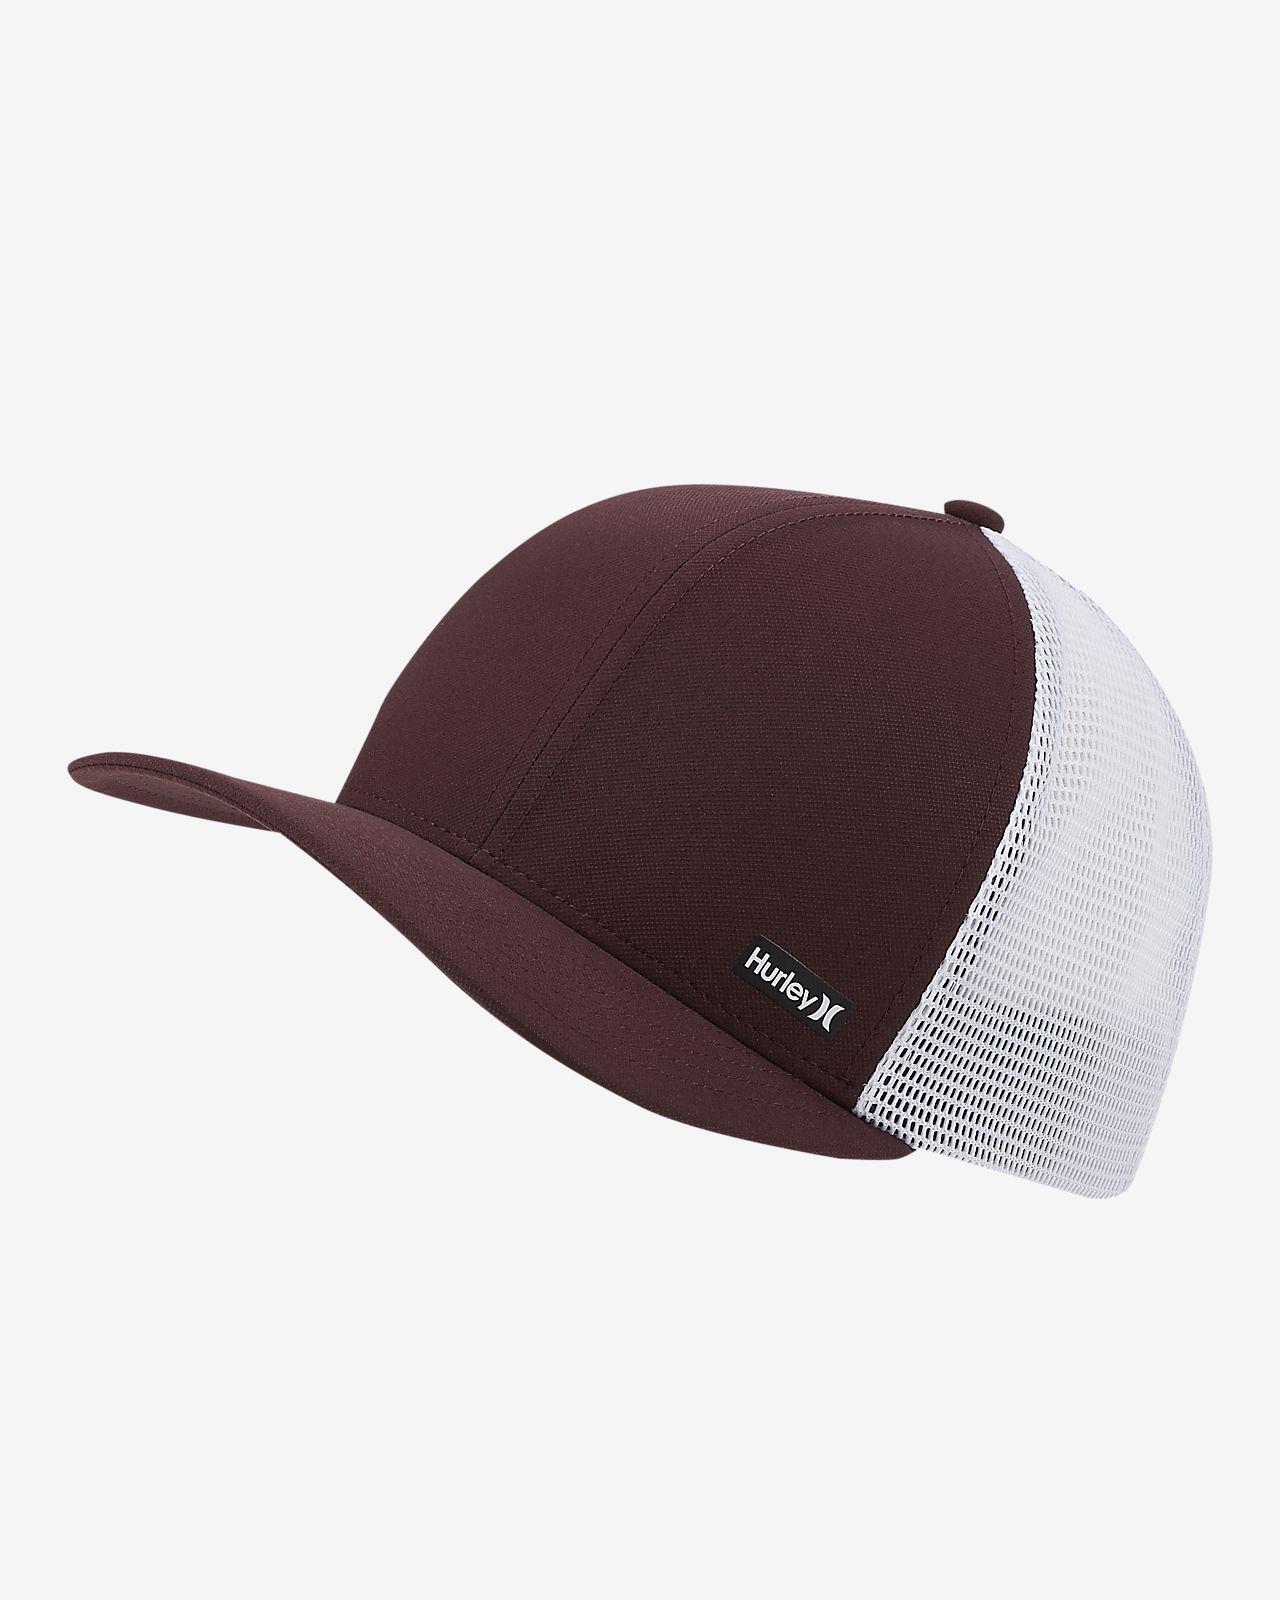 Hurley League Herren-Cap